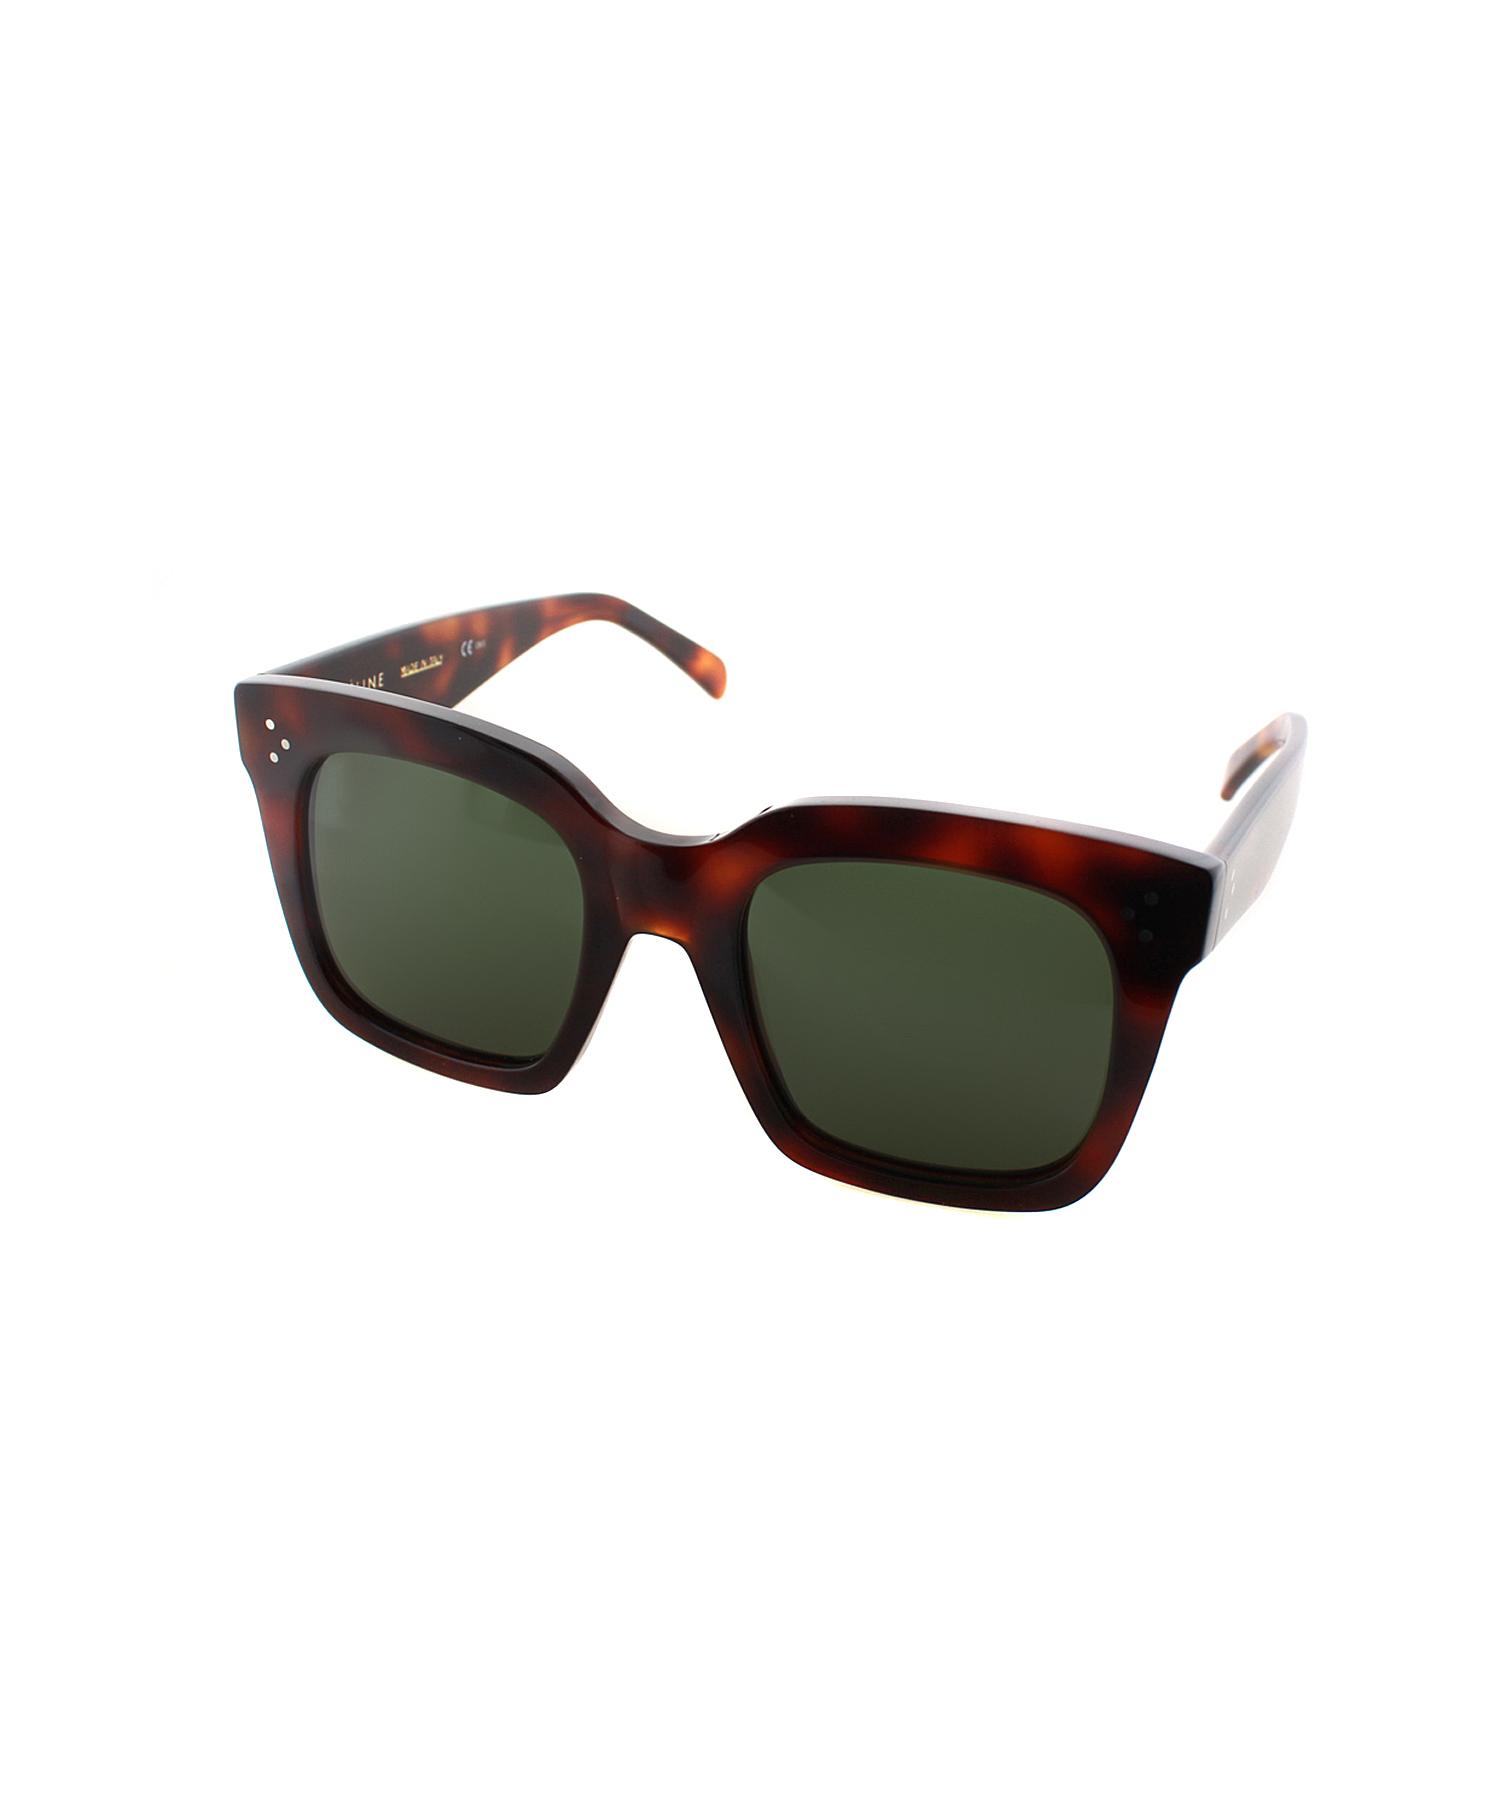 06fca129c91 Celine Black Square Sunglasses